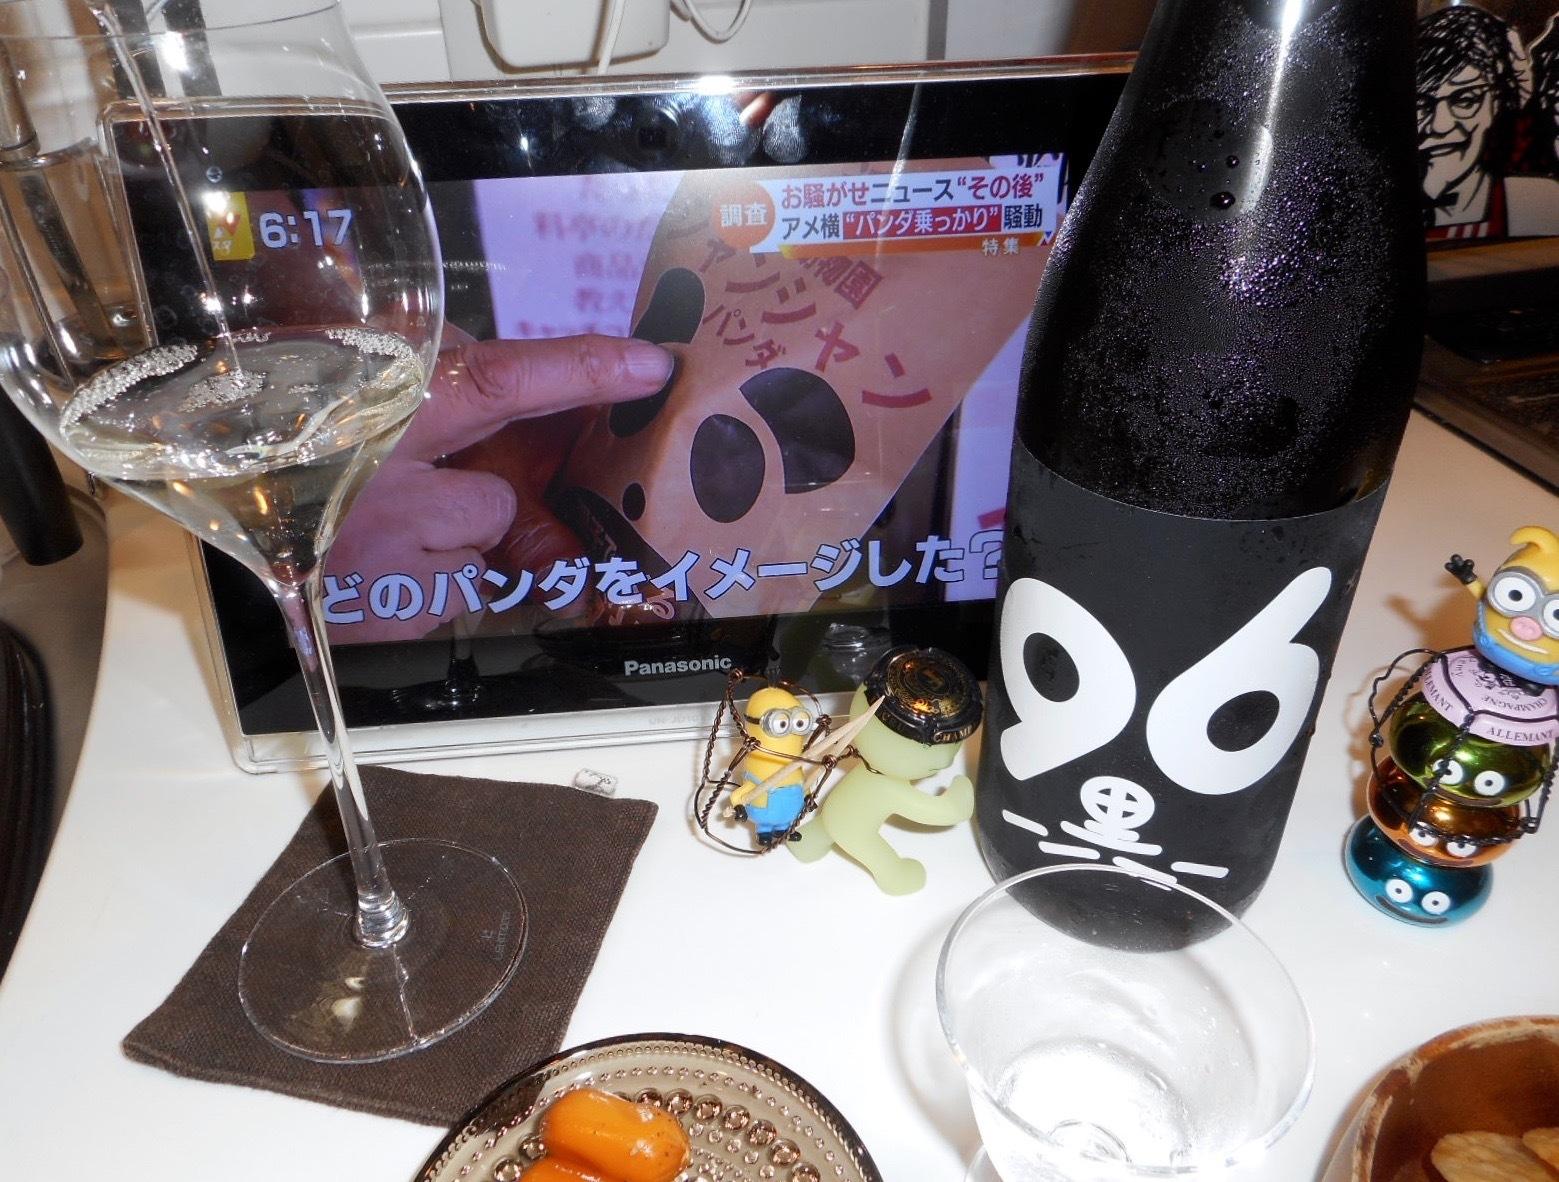 gokyou_kuro96_28by5.jpg